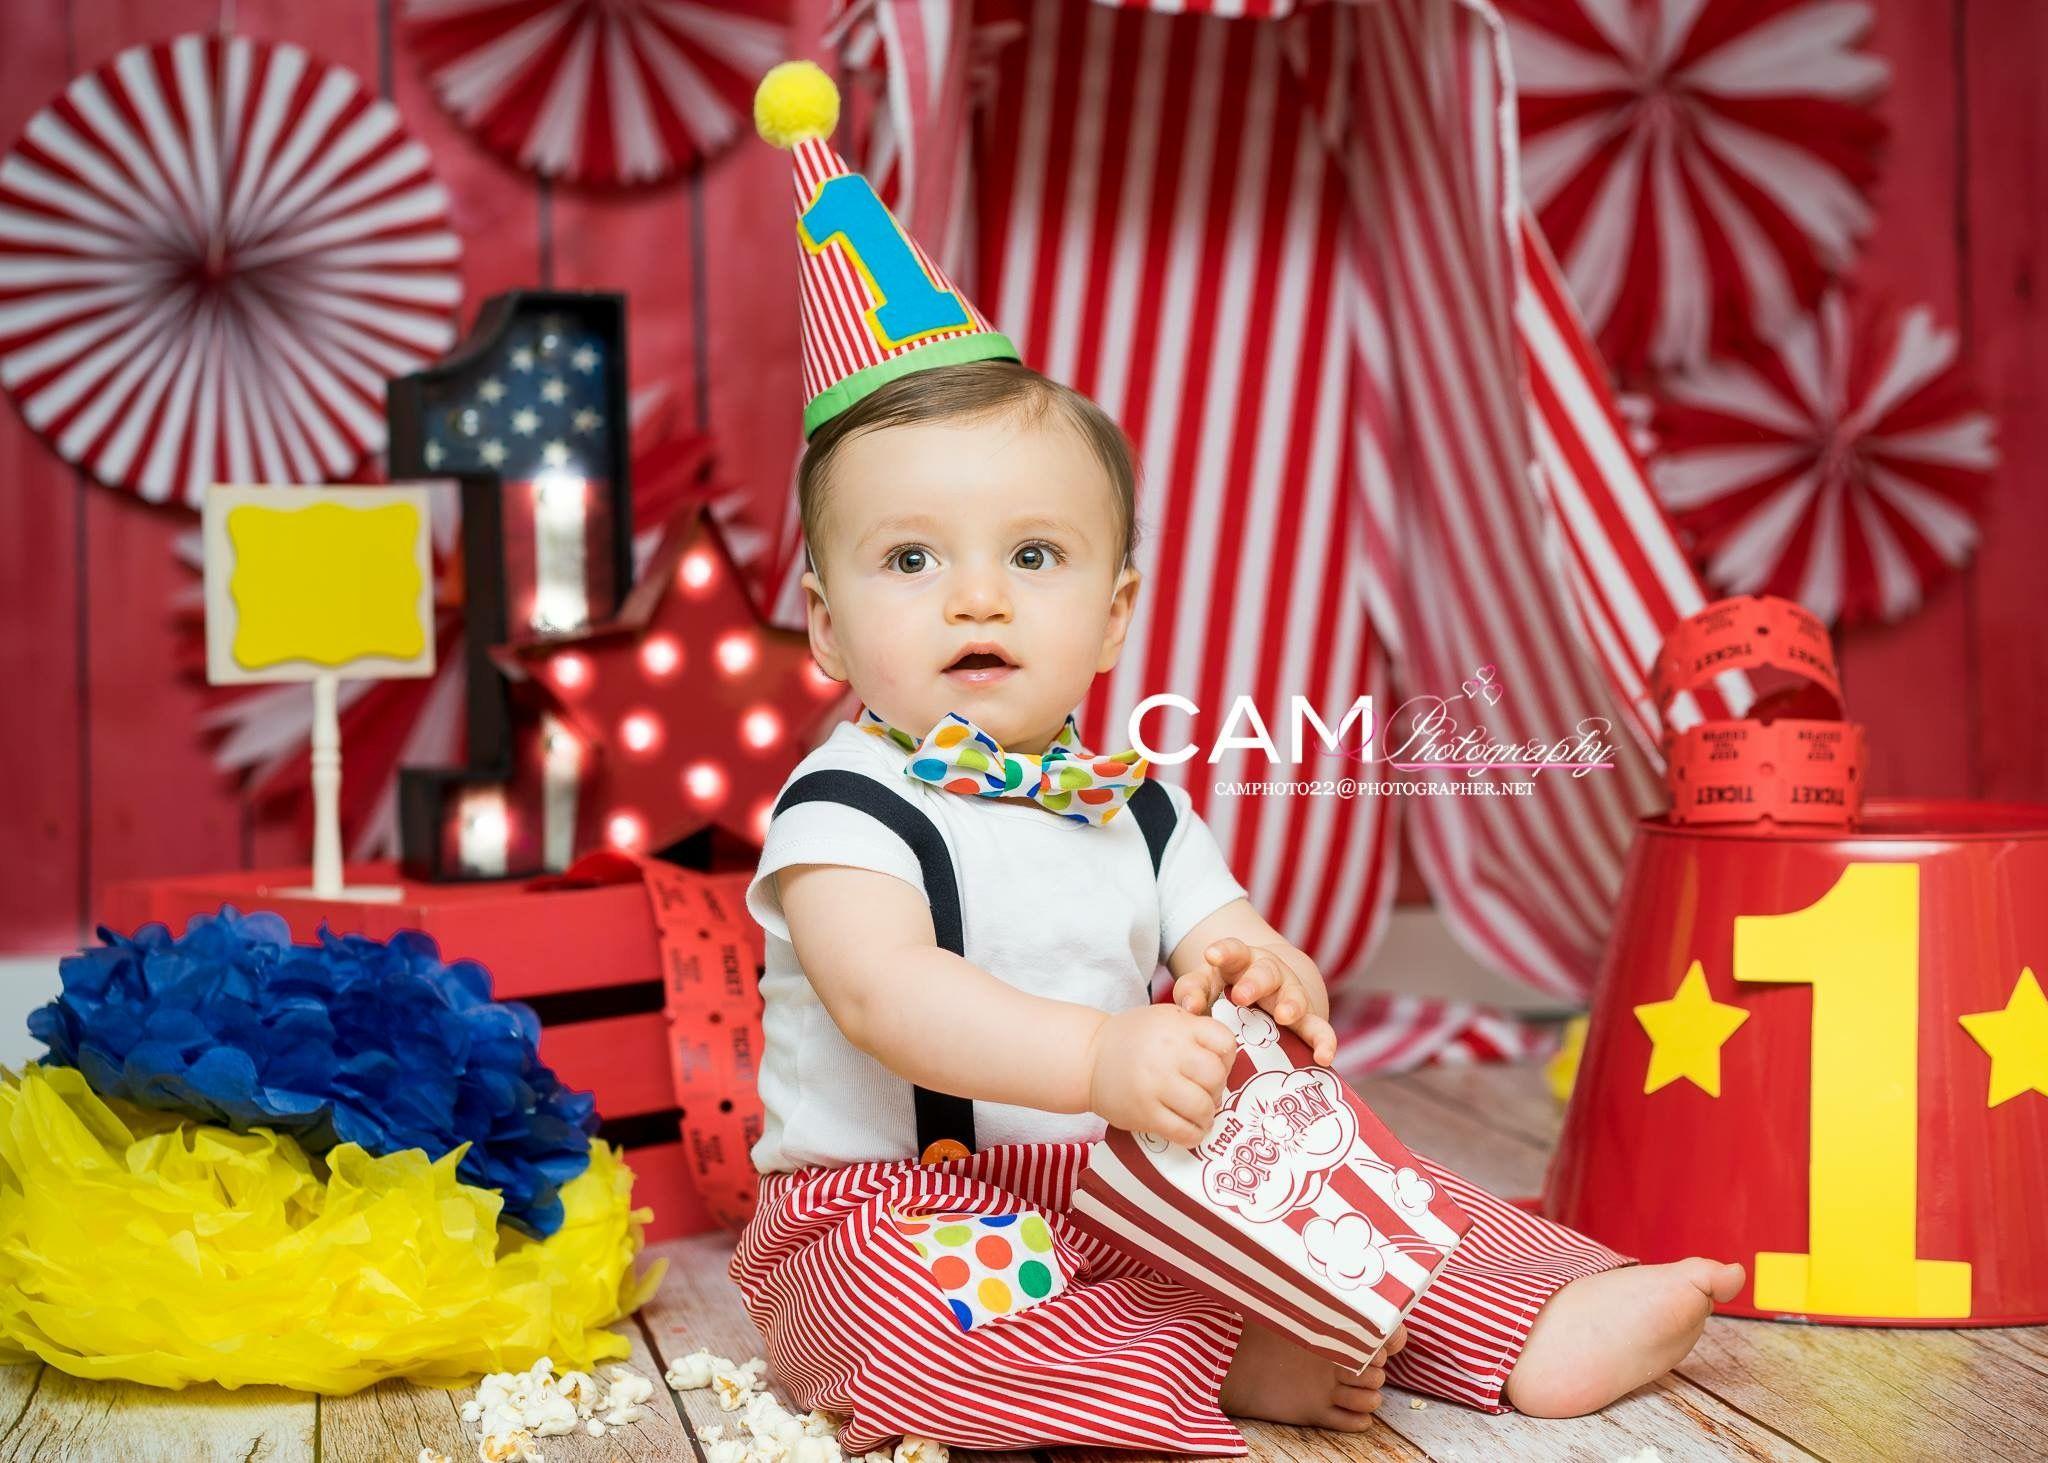 Cake Smash Boy Circus The Big Top First Birthday Theme Ideas Party Messy Red Fun Festa Infantil Circo Festa Patati Patata Aniversario Circo